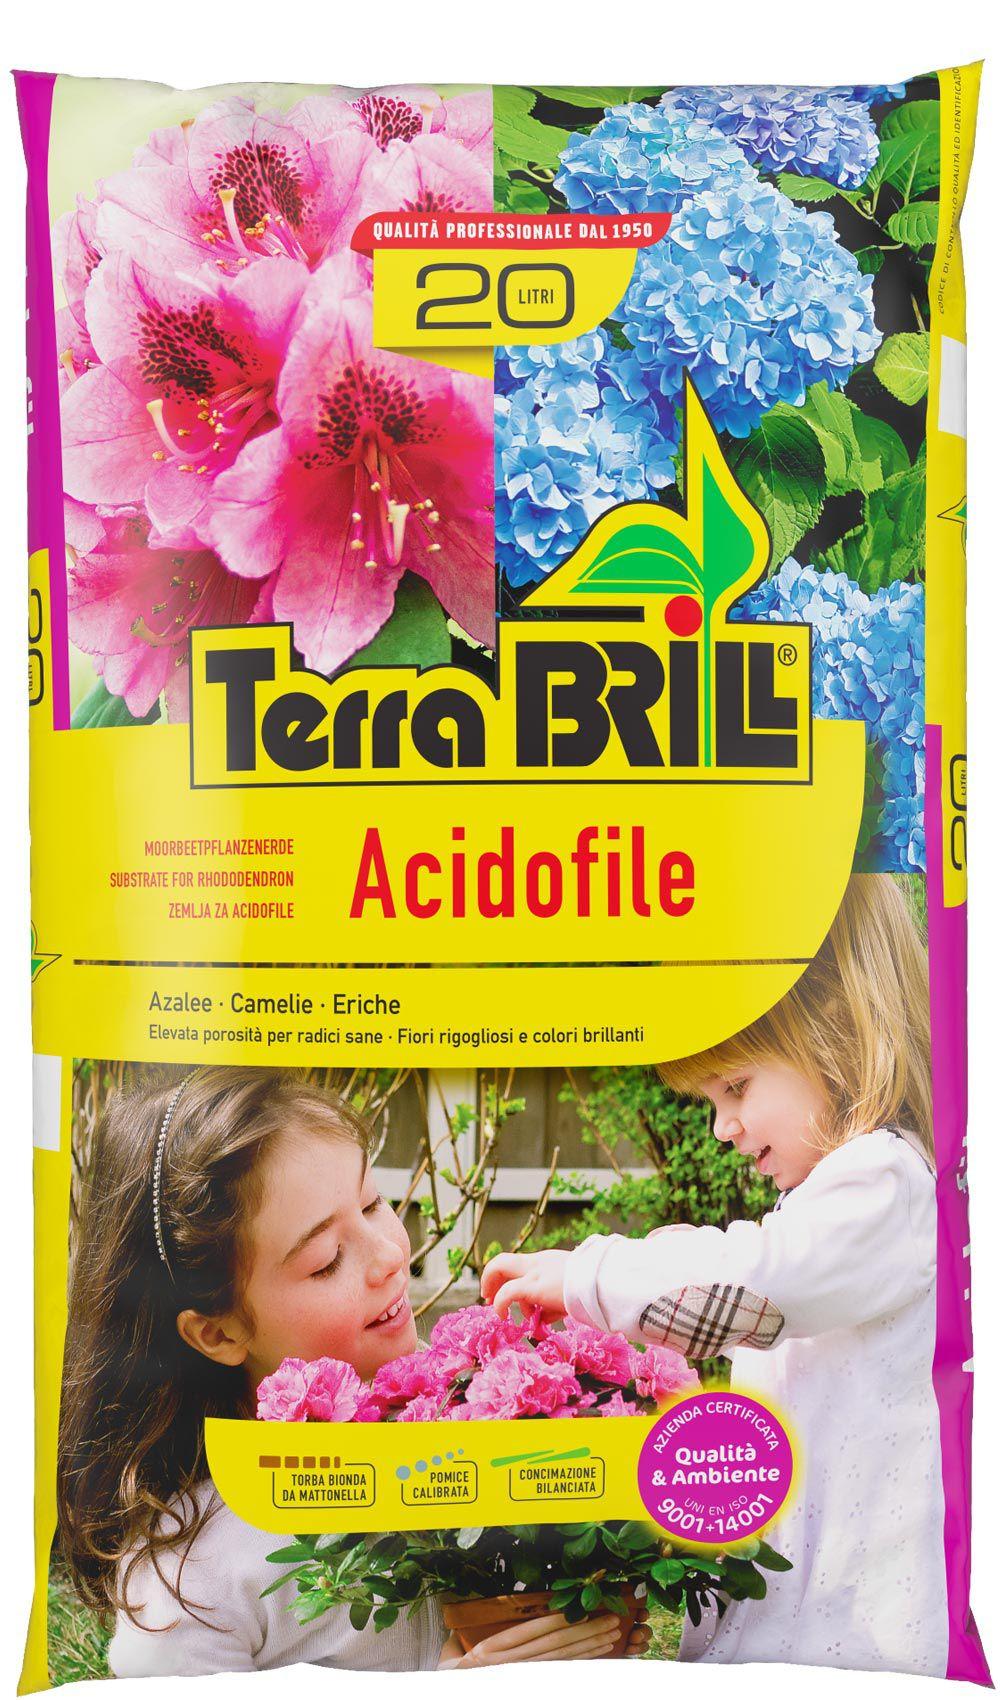 TerraBrill® Acidofile